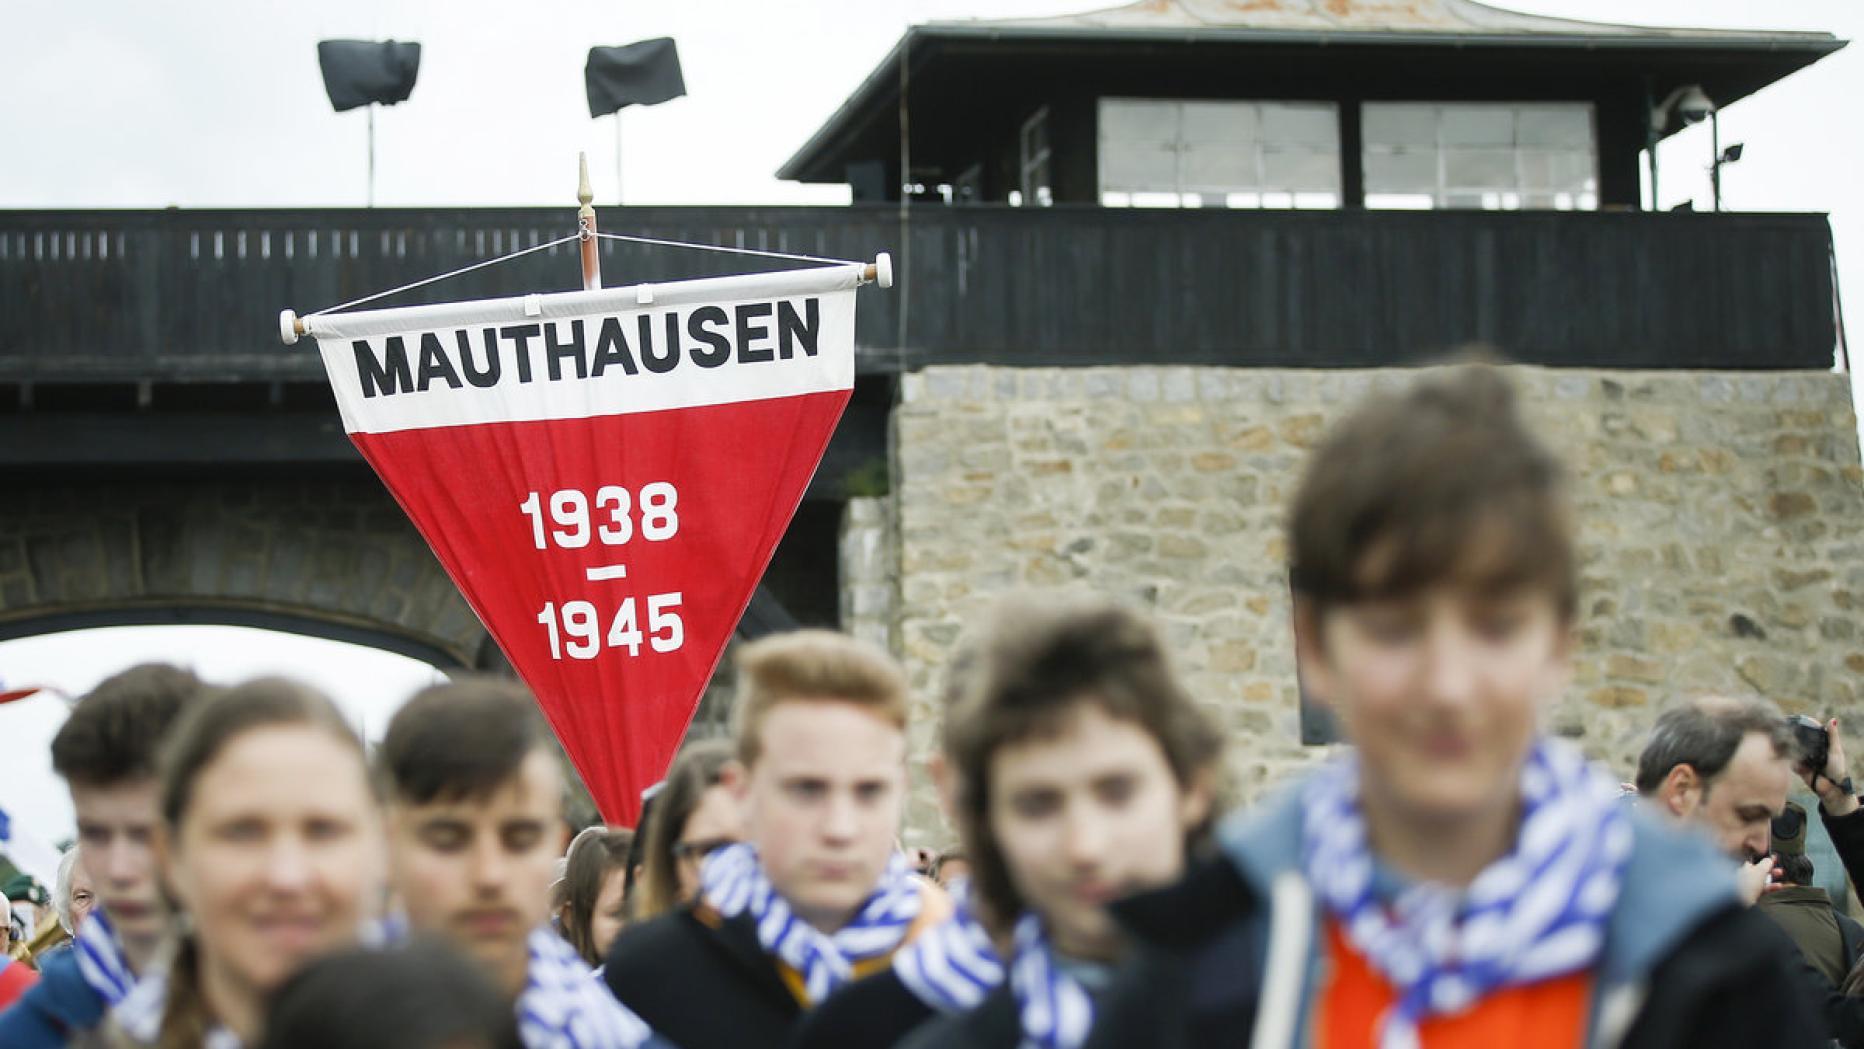 Sexkontakte in Mauthausen Sie sucht Ihn in Mauthausen